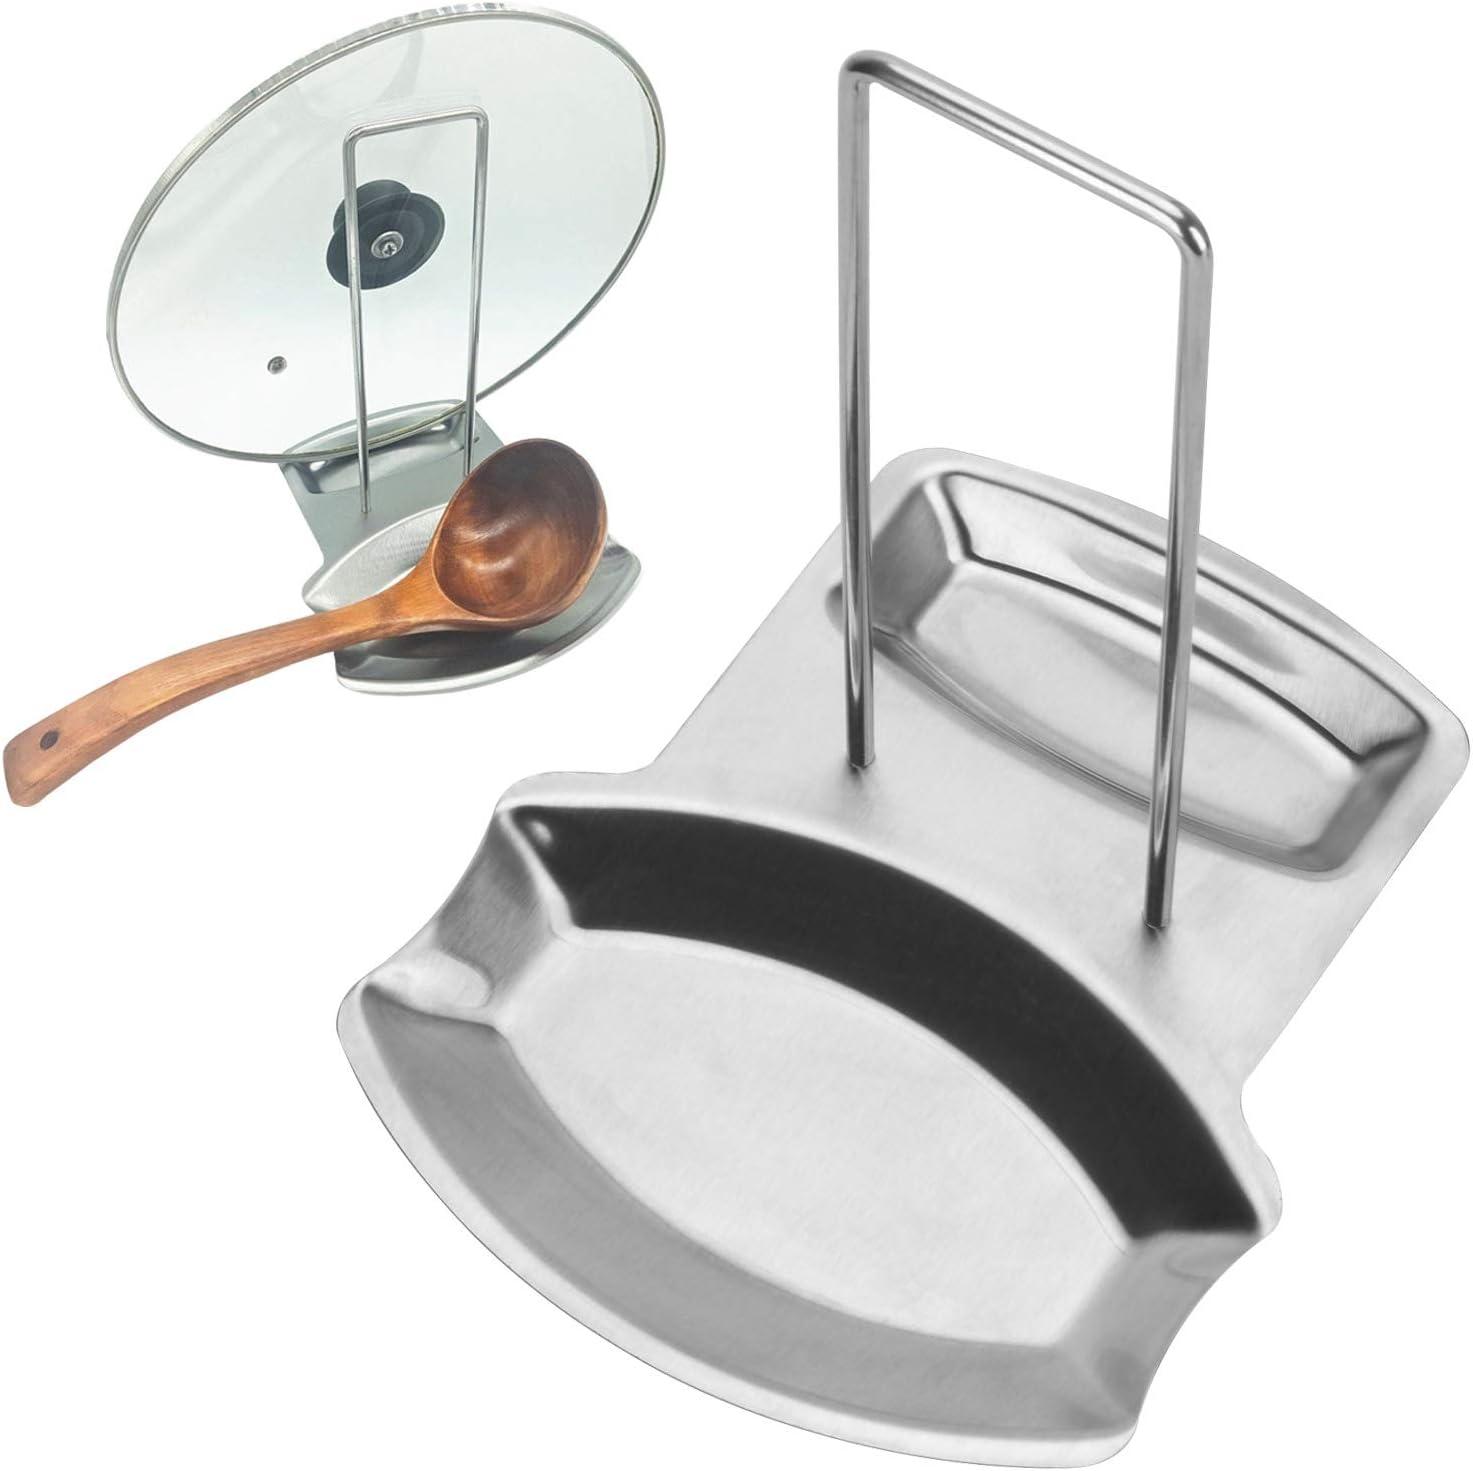 1pcs Pot soporte de la tapa del estante organizador de la cocina Olla Tapa rack cuchara chapa de fijaci/ón de plataforma de cocci/ón del plato rack Bandeja Soporte Accesorios de Cocina Color : 01